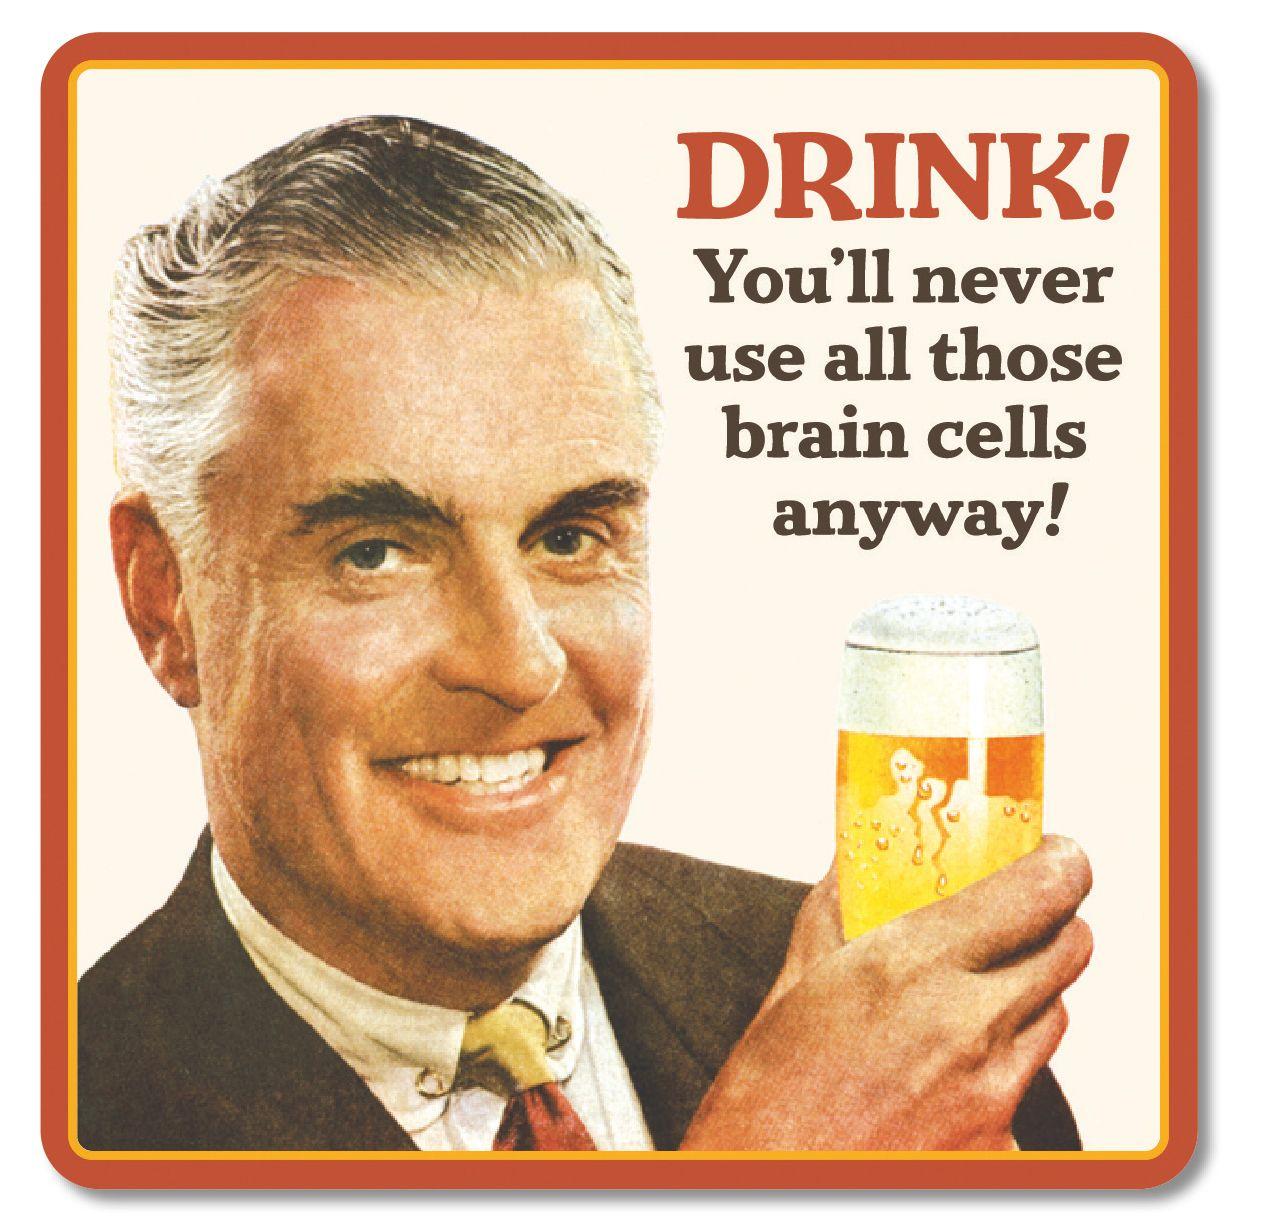 RETRO COASTER DRINK!